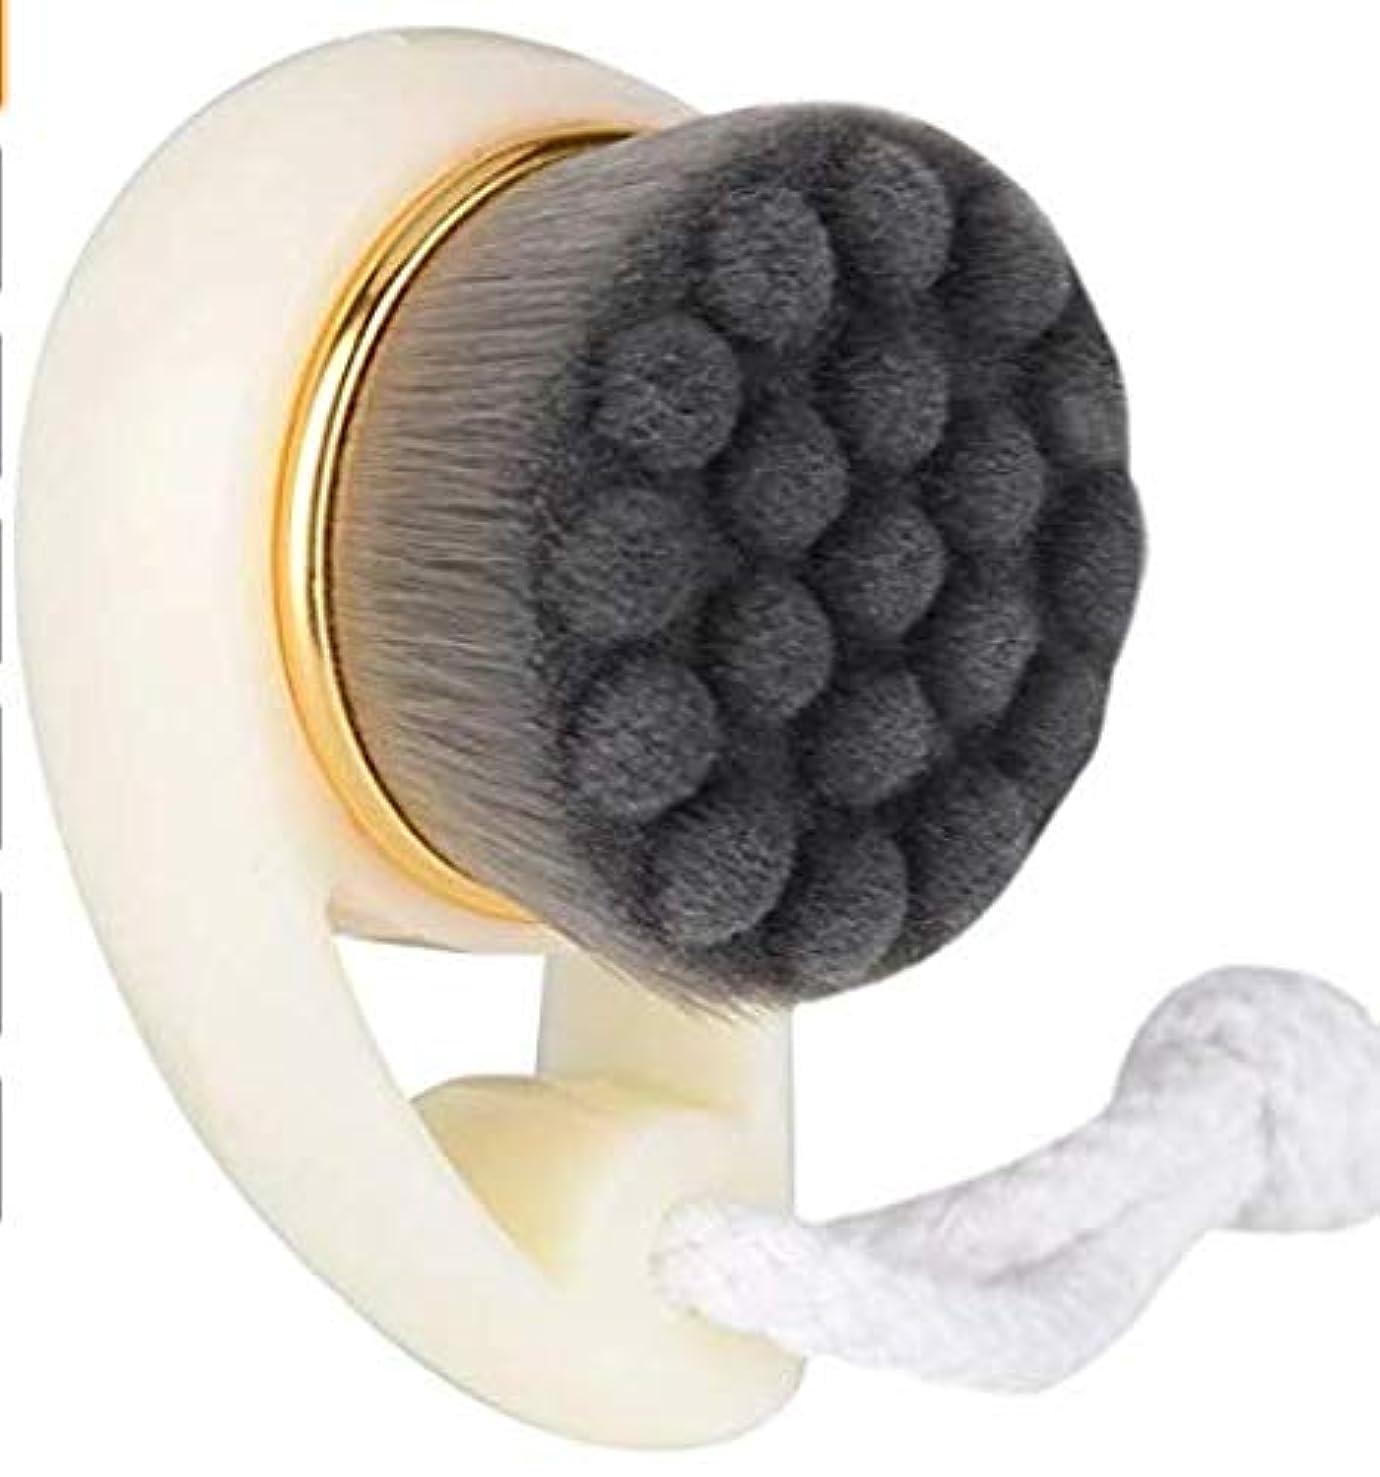 サスティーングリットジョイント化粧ブラシ、手動毛穴、マッサージ、美容製品、美容製品、にきび毛穴、きれいな肌、毛穴